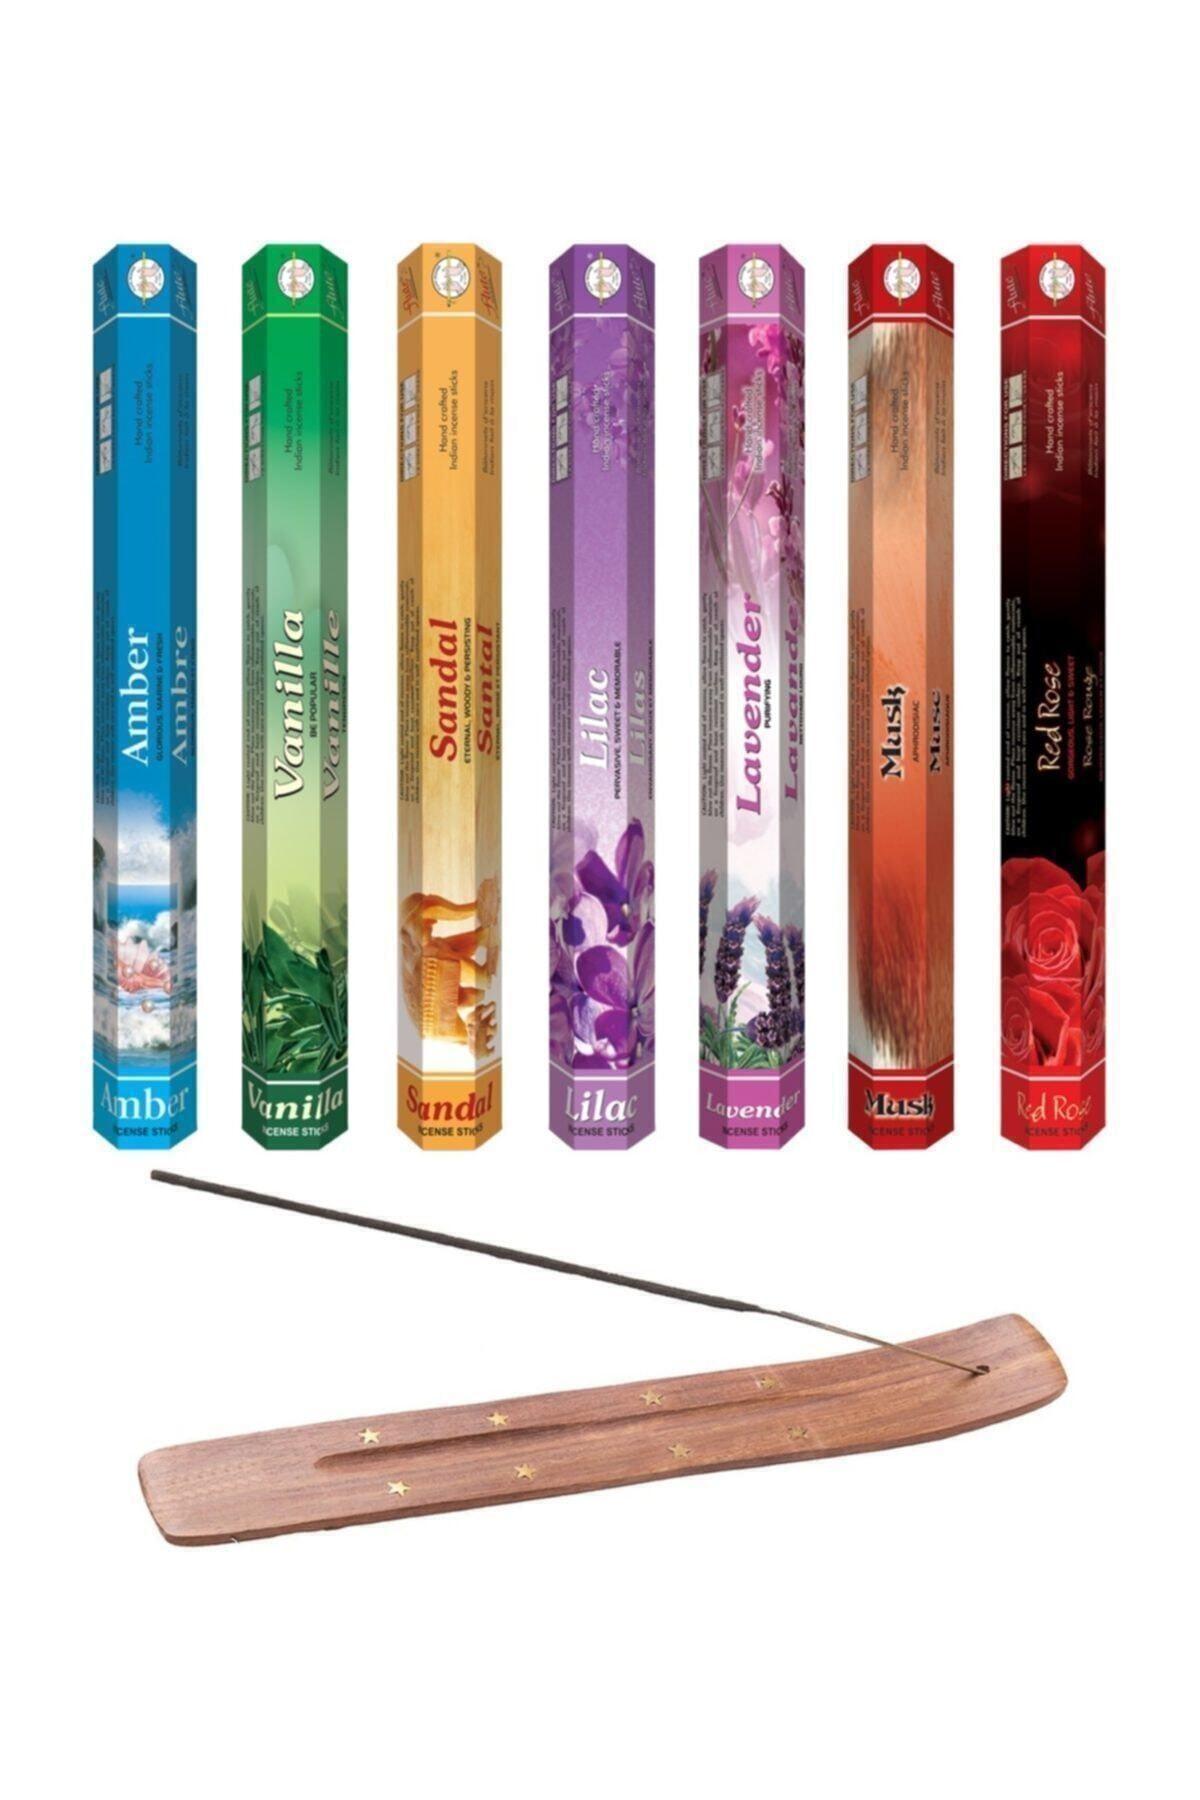 Beren Hediyelik 140 Adet Tütsü (amber, Vanilya, Sandal Ağacı, Leylak, Lavanta, Musk, Kırmızı Gül Tütsü Kayığı 1